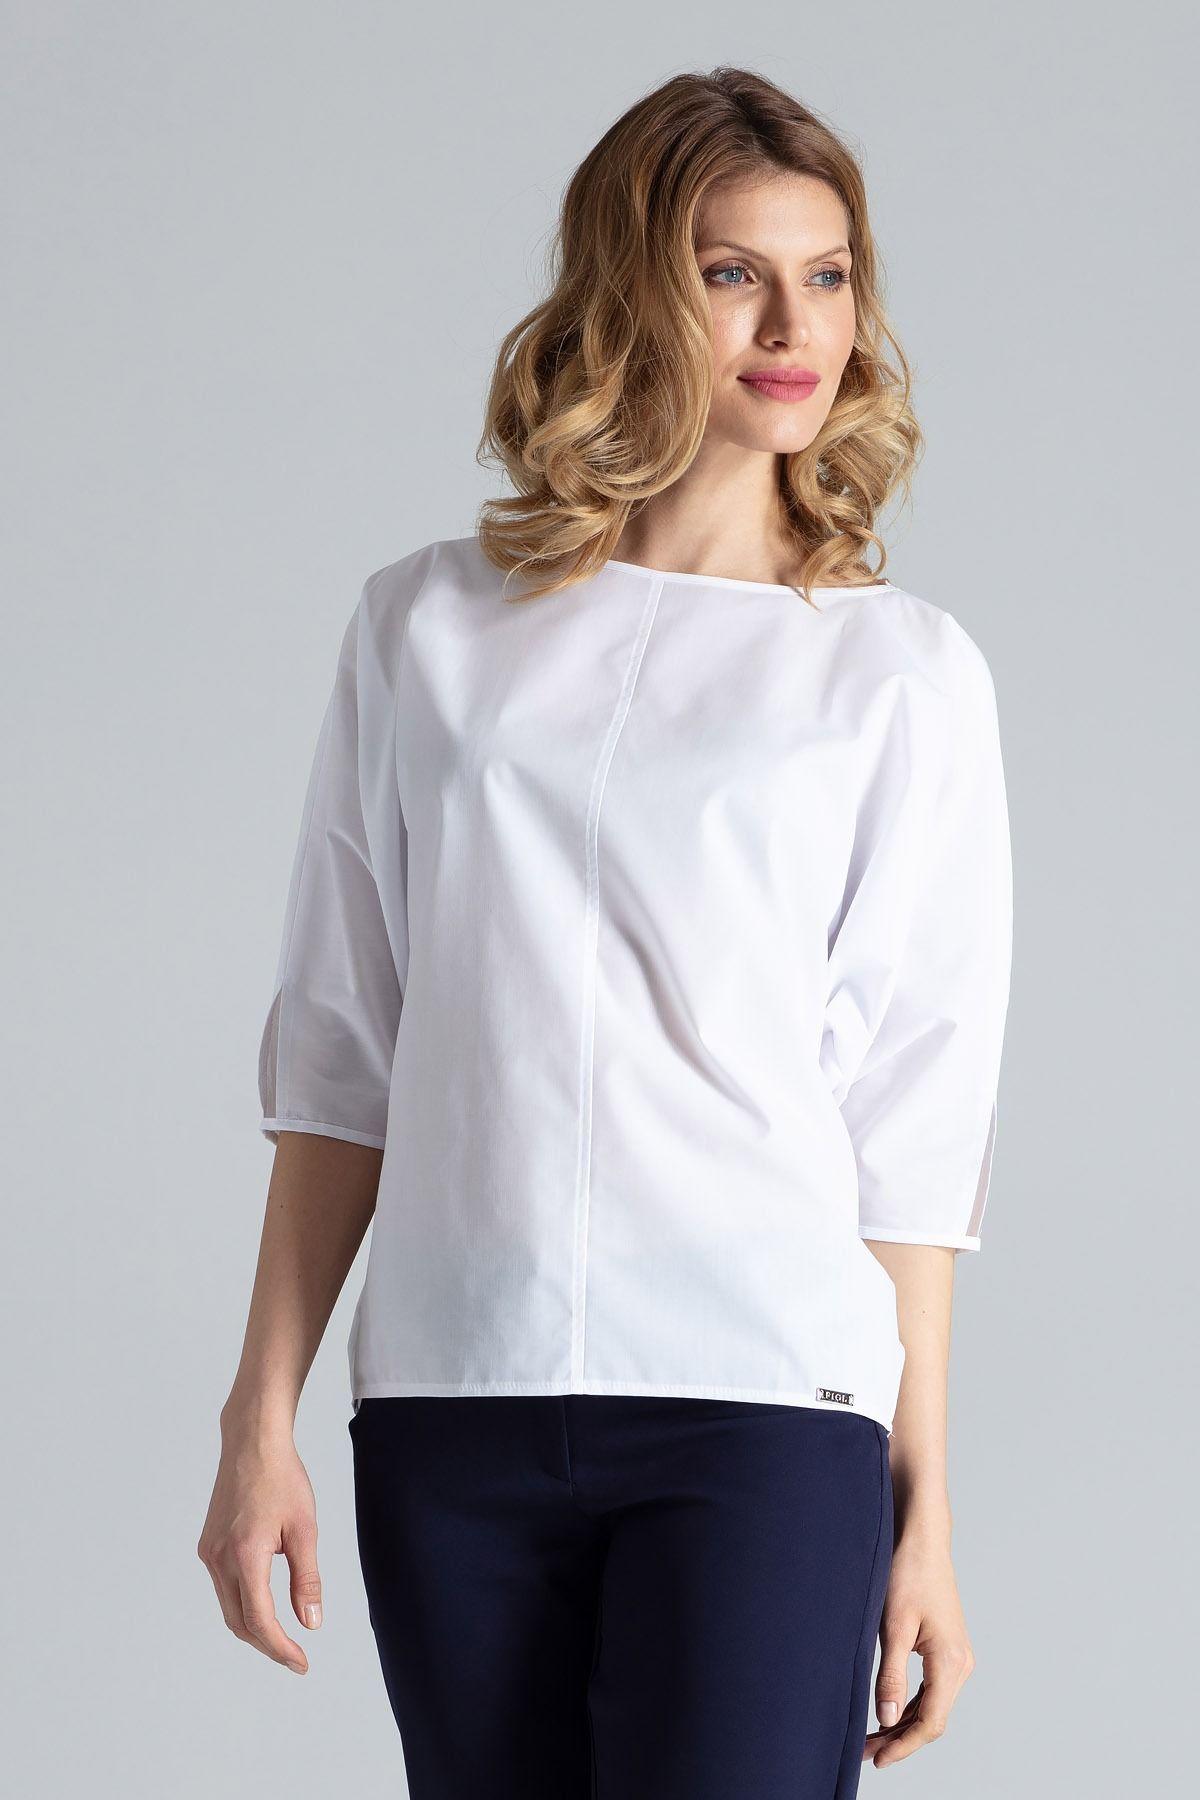 Biała bluzka z rozcięciem na rękawach